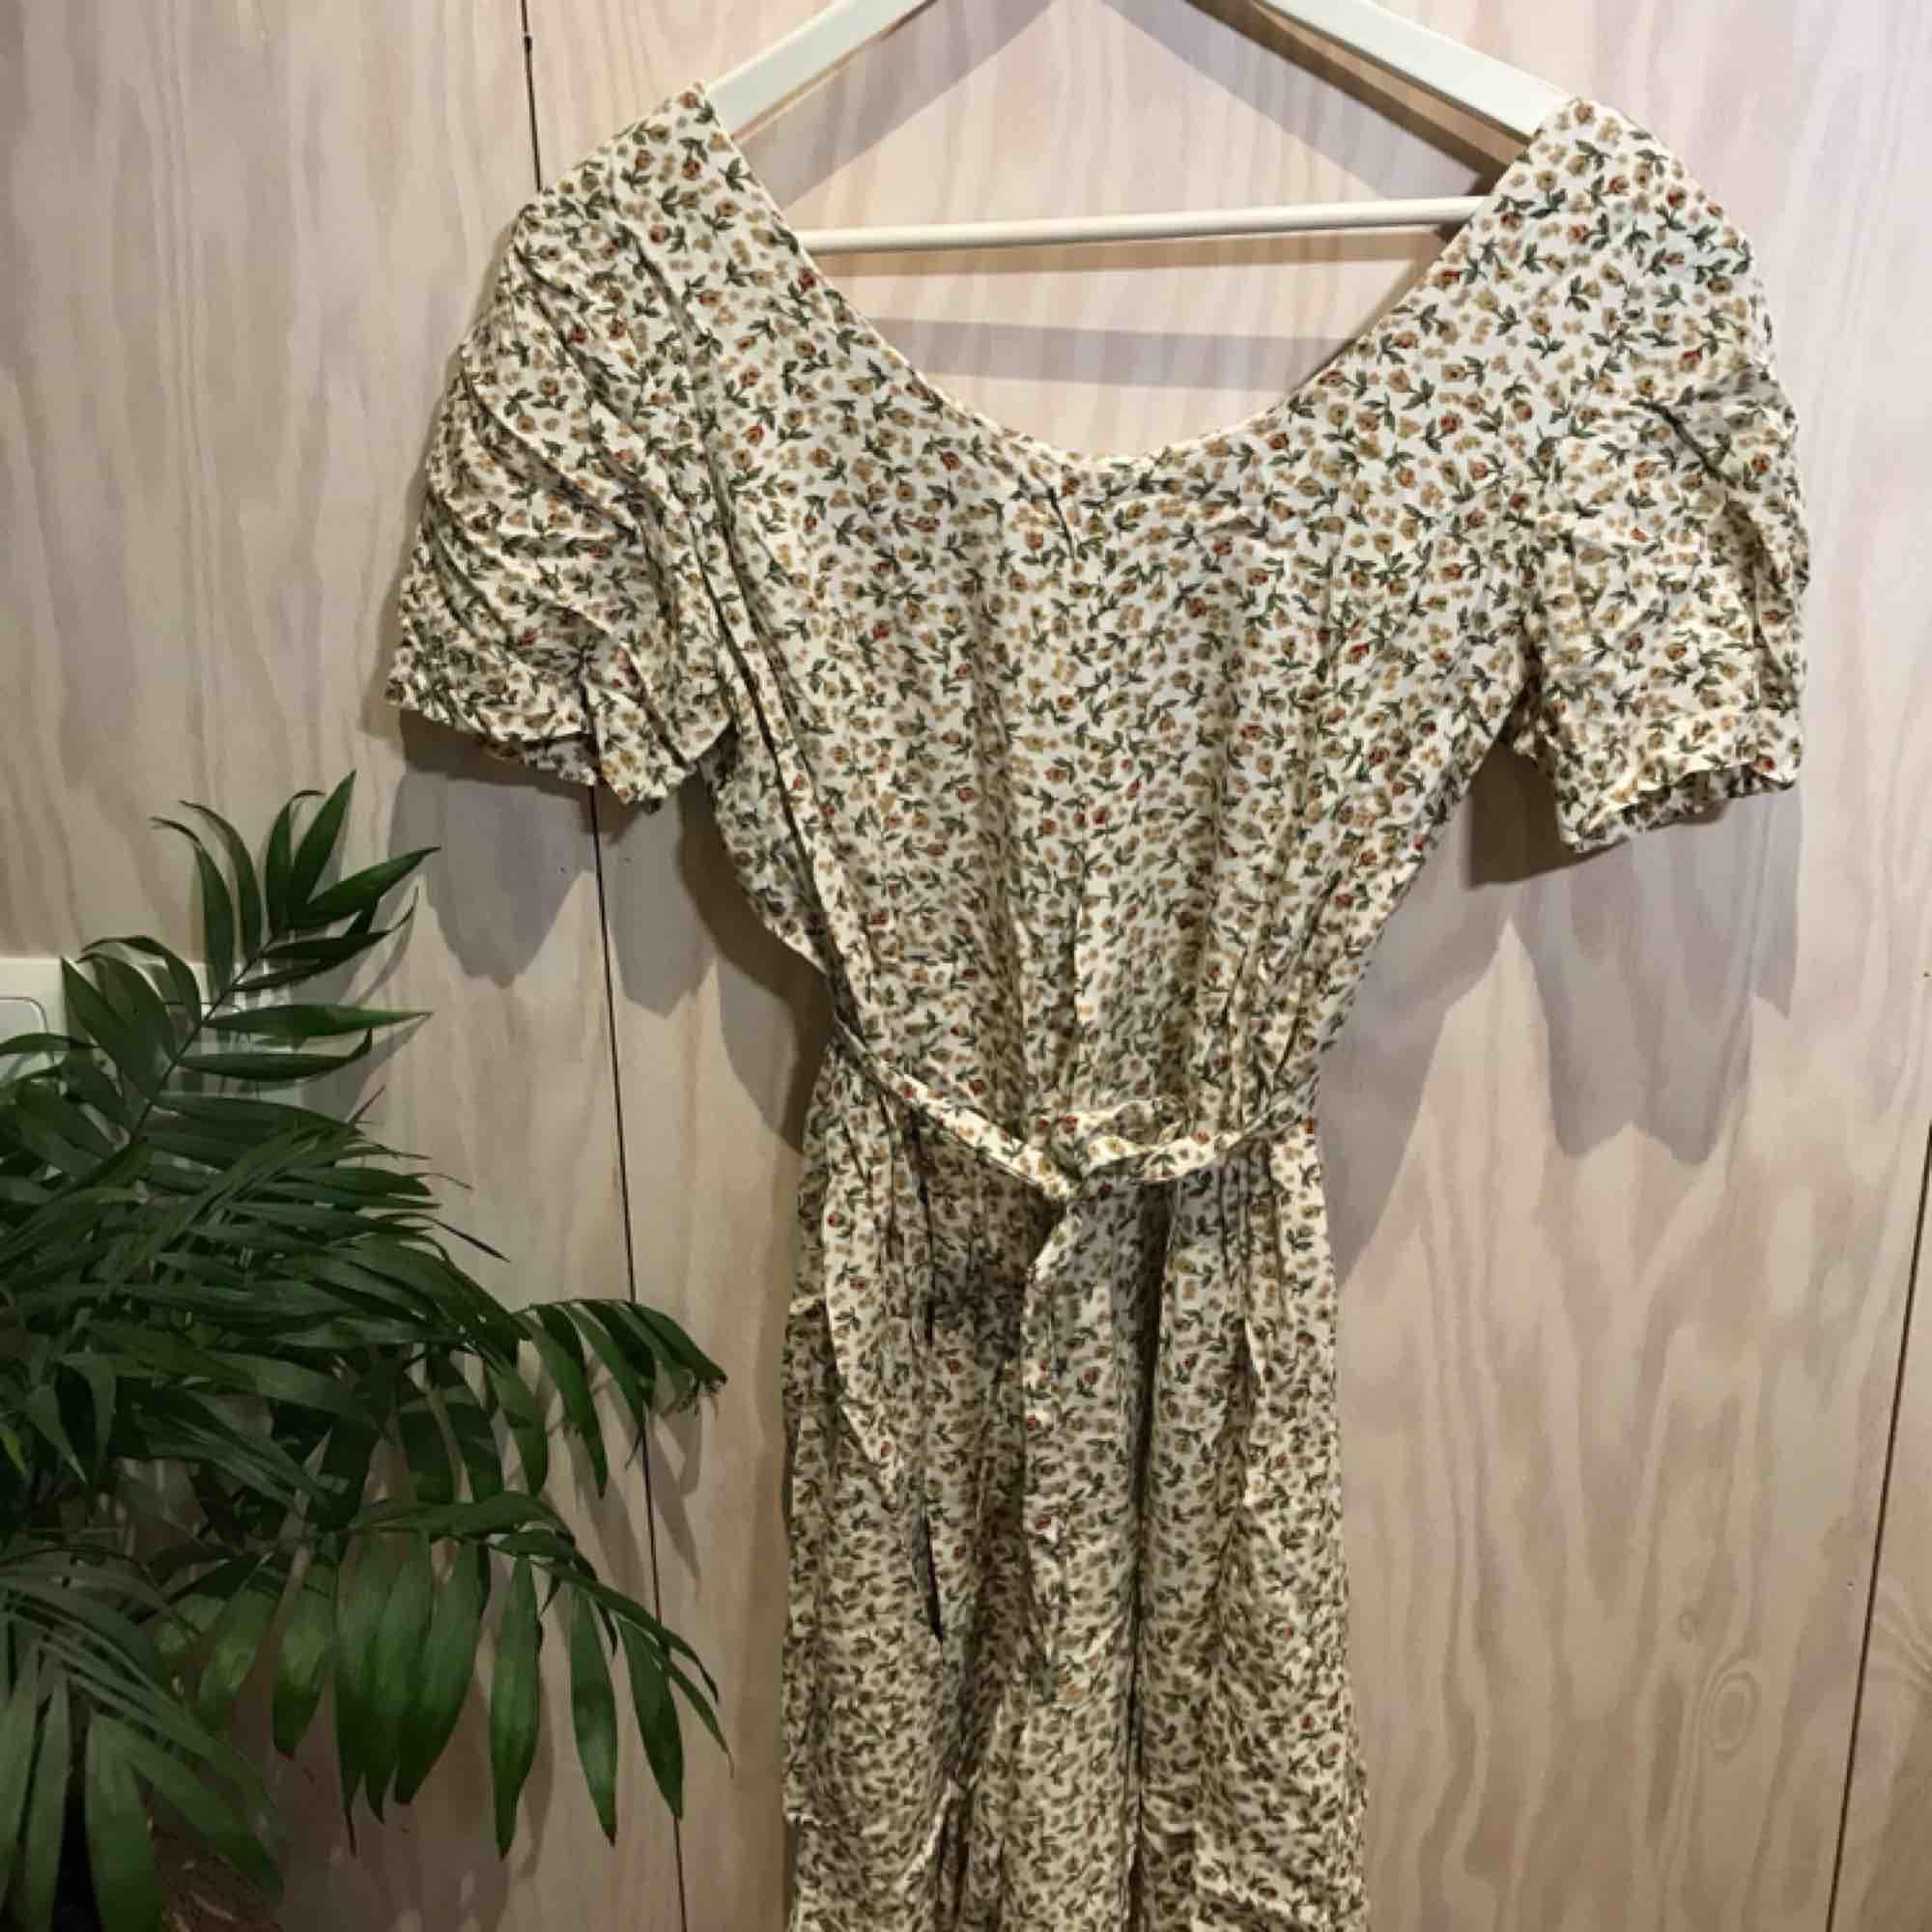 Somrig blommig byxdress, perfekt till sommaren 😊 Kan mötas upp i Stockholm eller posta, köpare står då för frakt. Kika gärna på mina andra grejer, har haft stor garderobsrensning 😁. Kostymer.